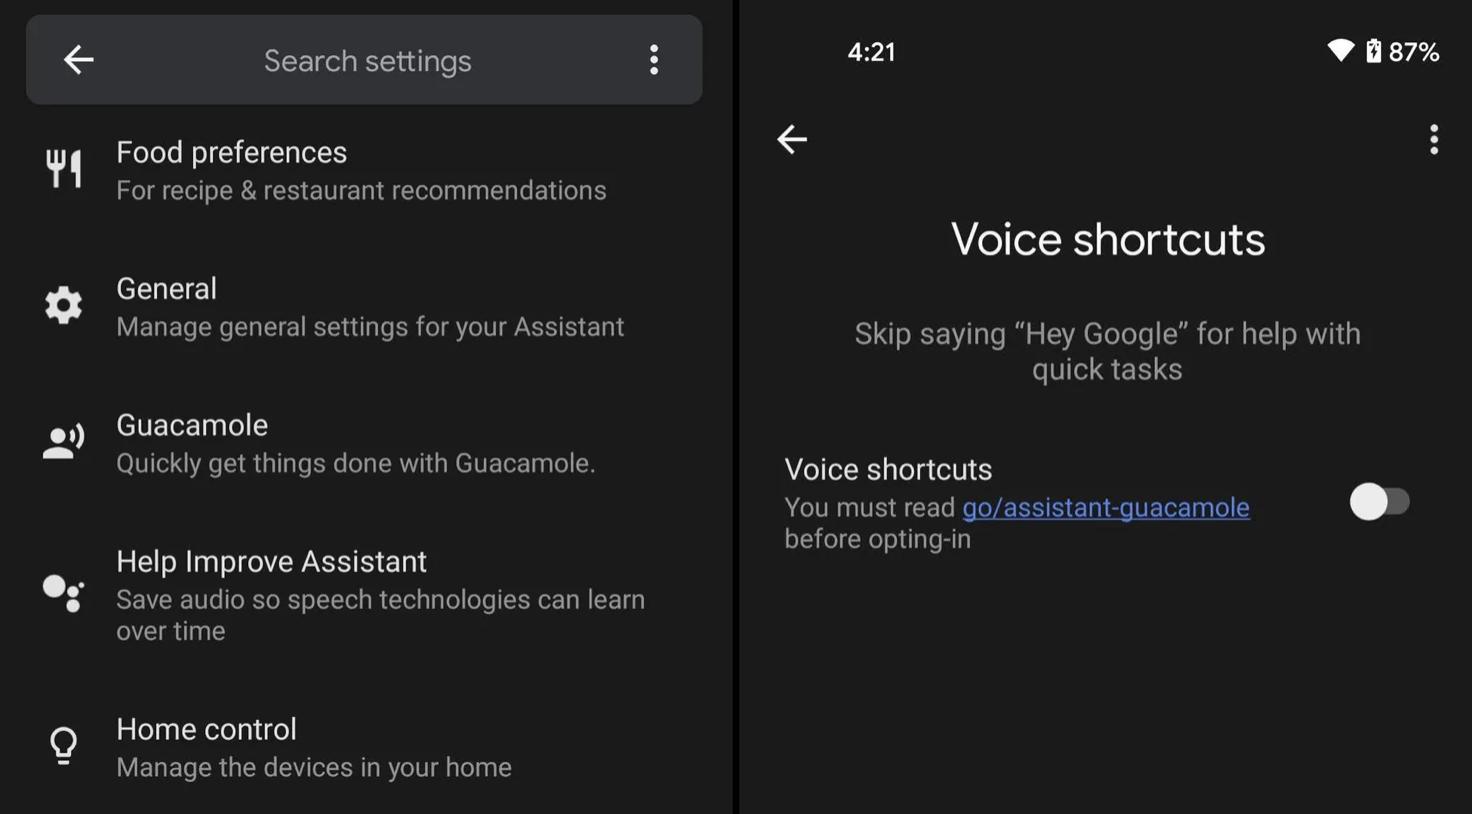 Obrazek pokazuje dwa zrzuty ekranu, które prezentują gdzie można znaleźć funkcję Google Guacamole.